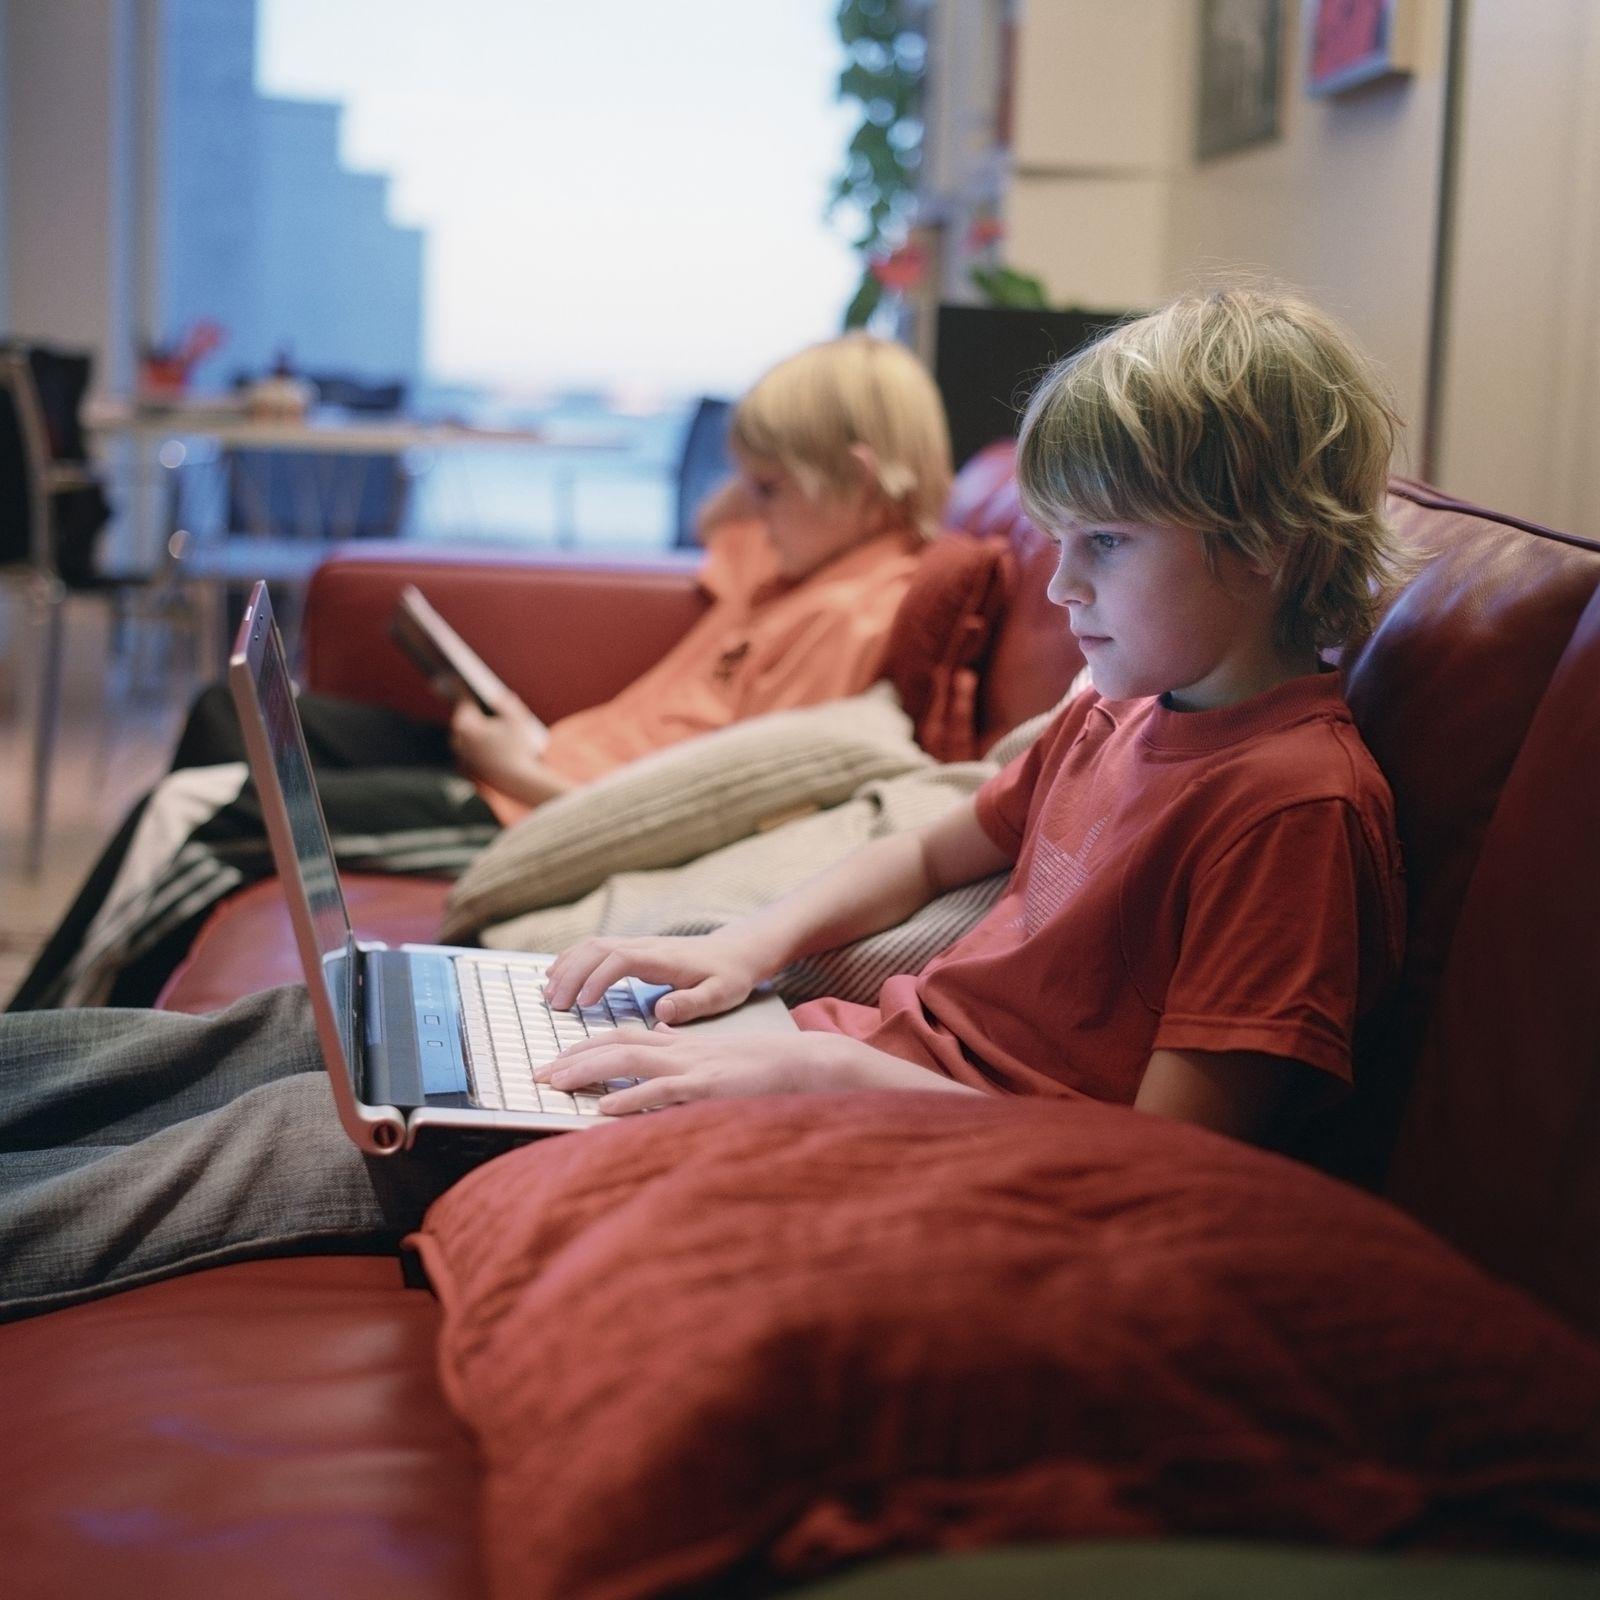 NICHT MEHR VERWENDEN! - Kinder / Kind / Computer / Internet